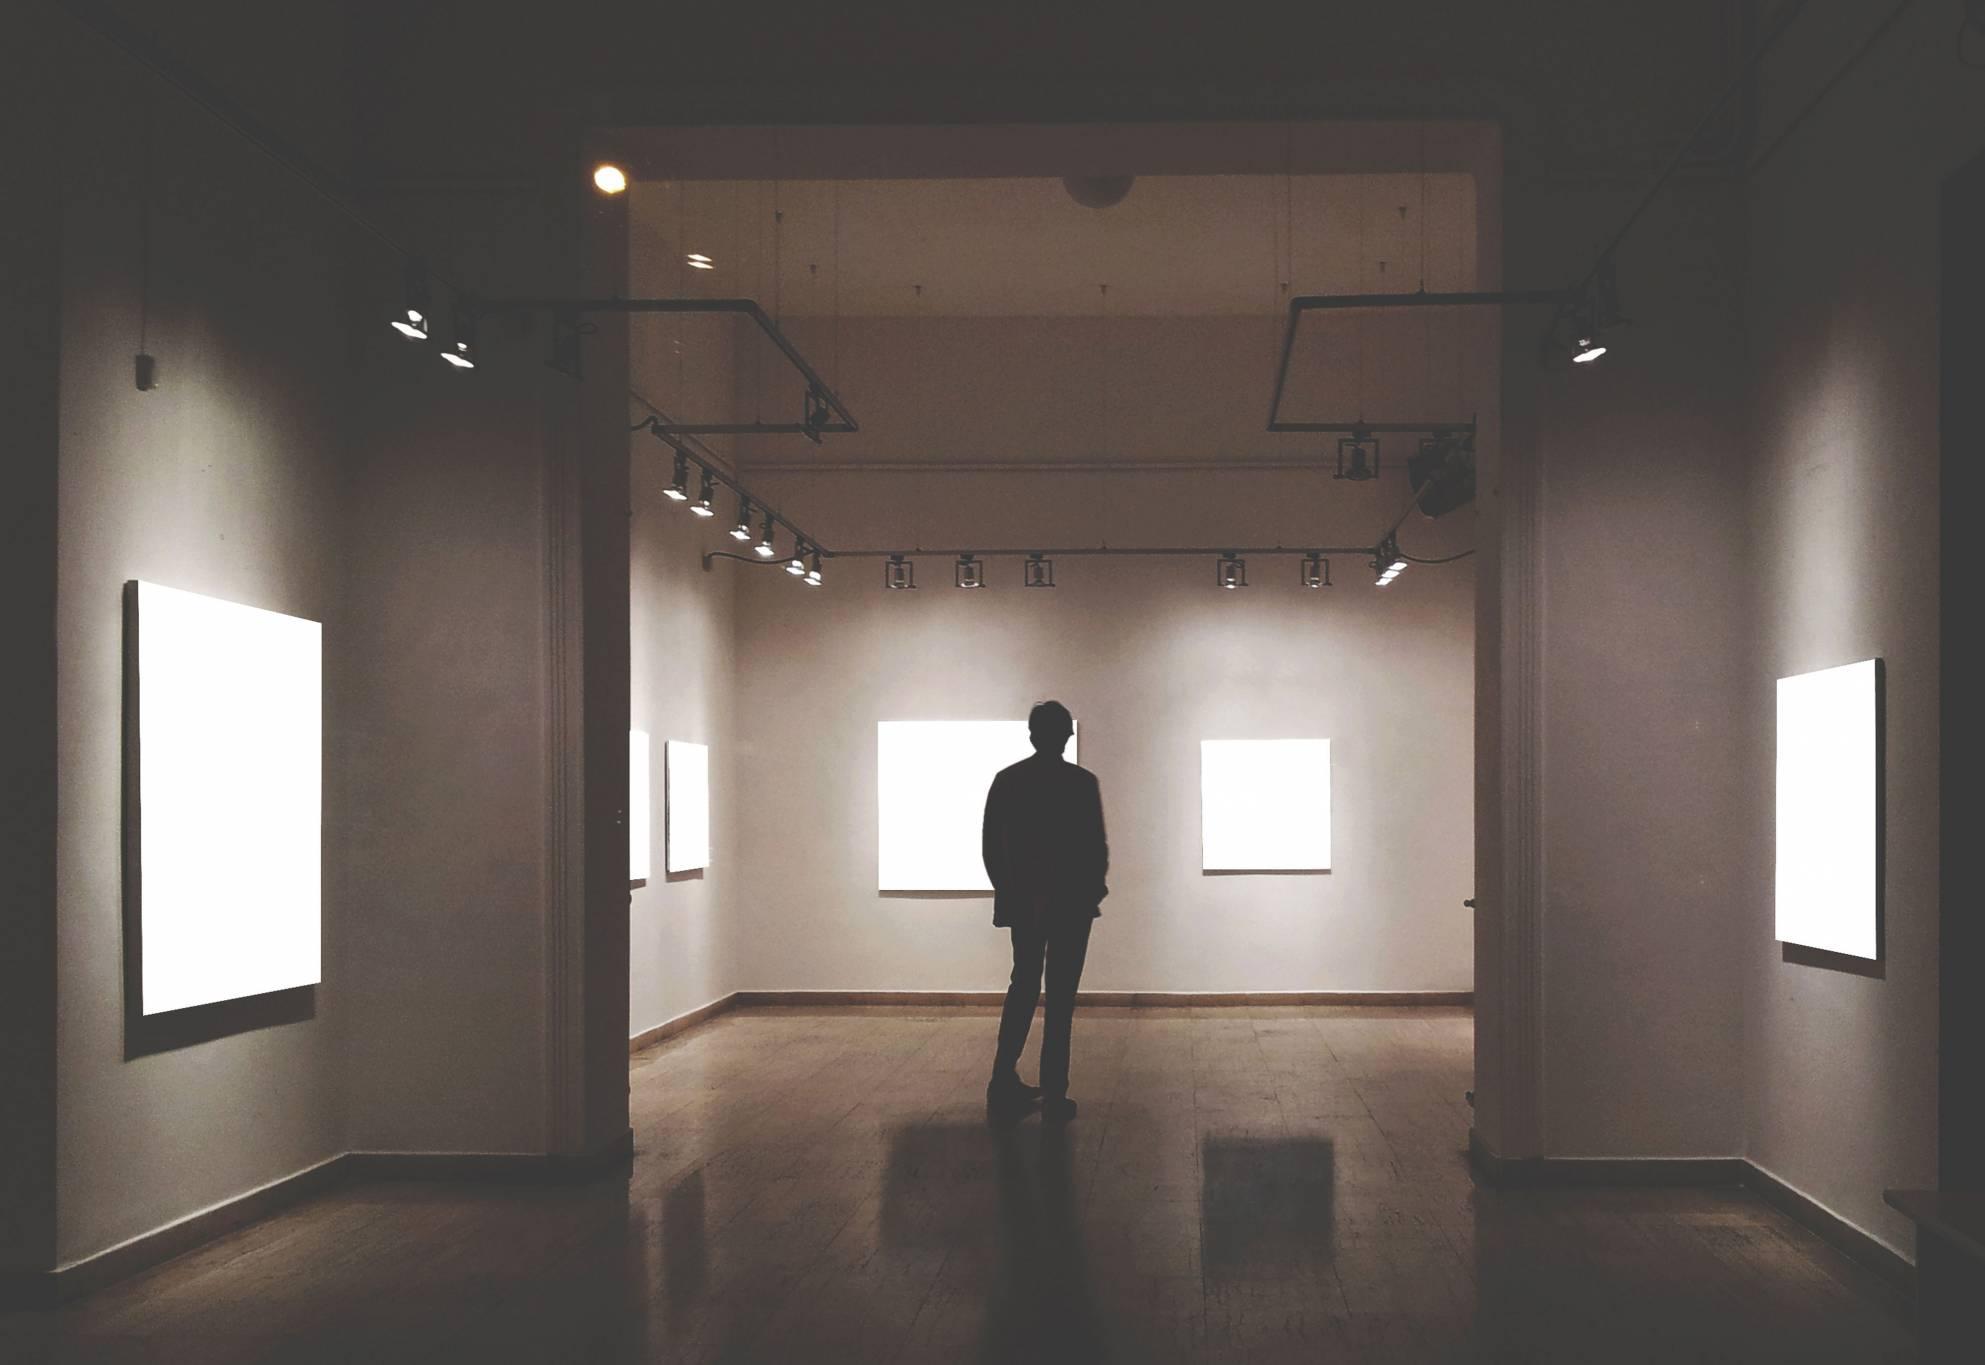 Les faux sèment le doute dans le monde de l'art